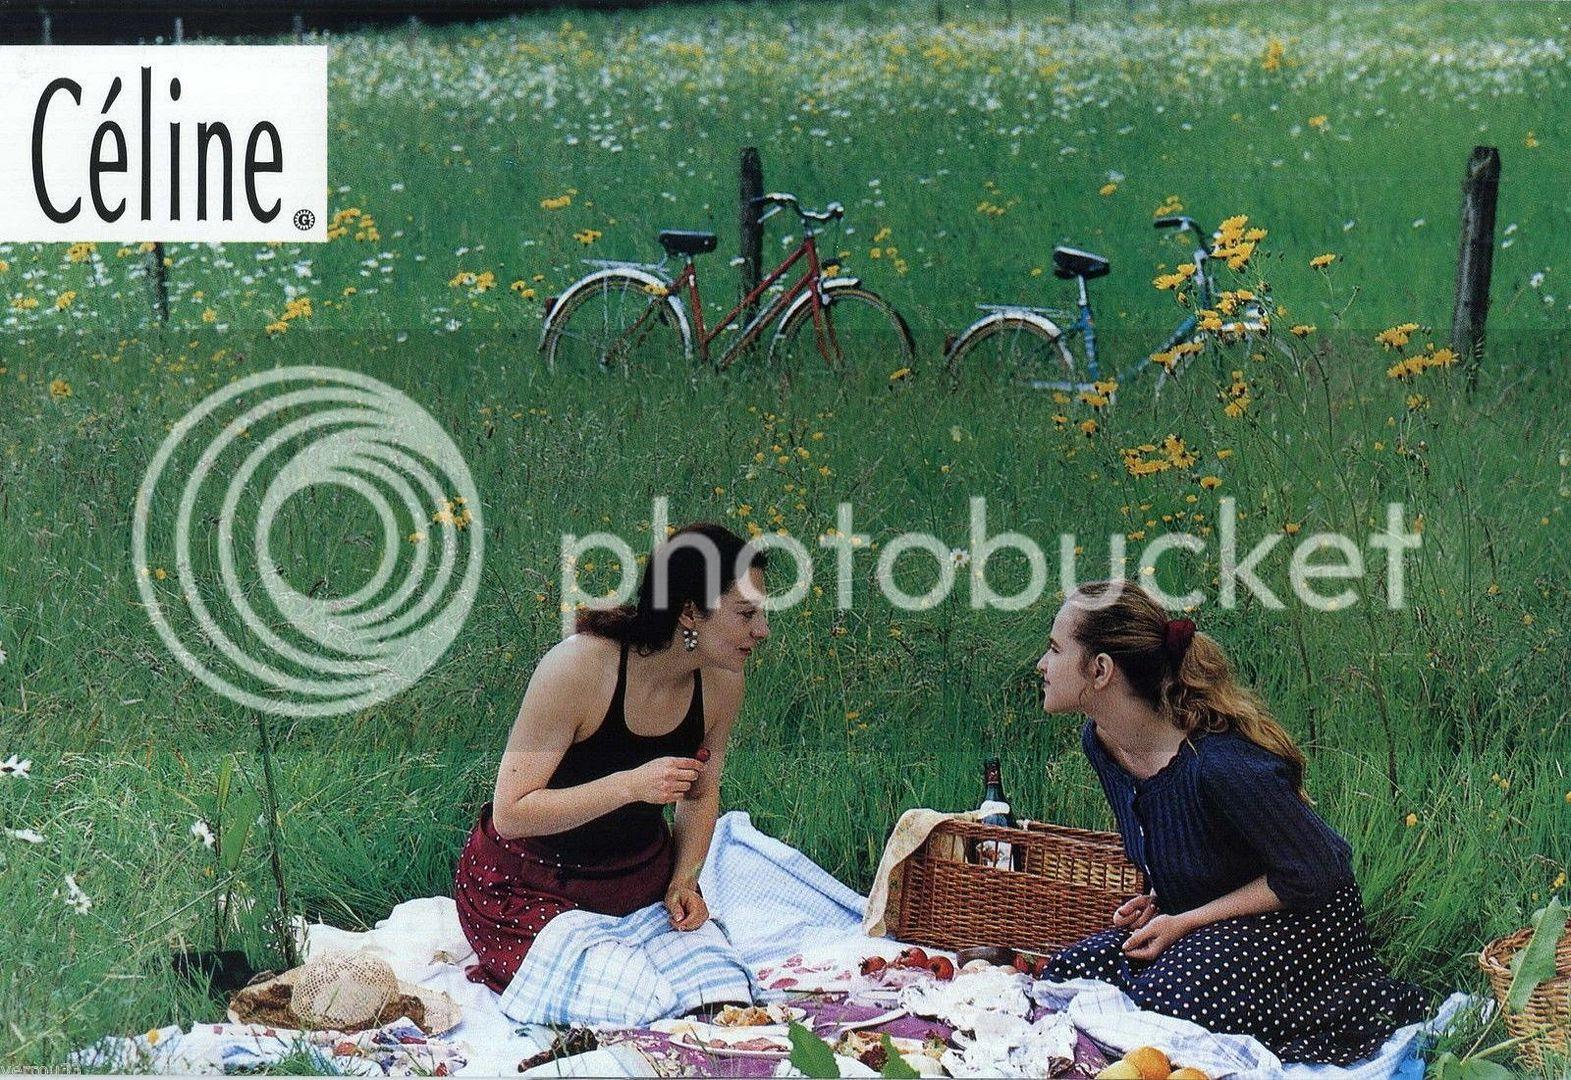 photo poster_celine-1.jpg